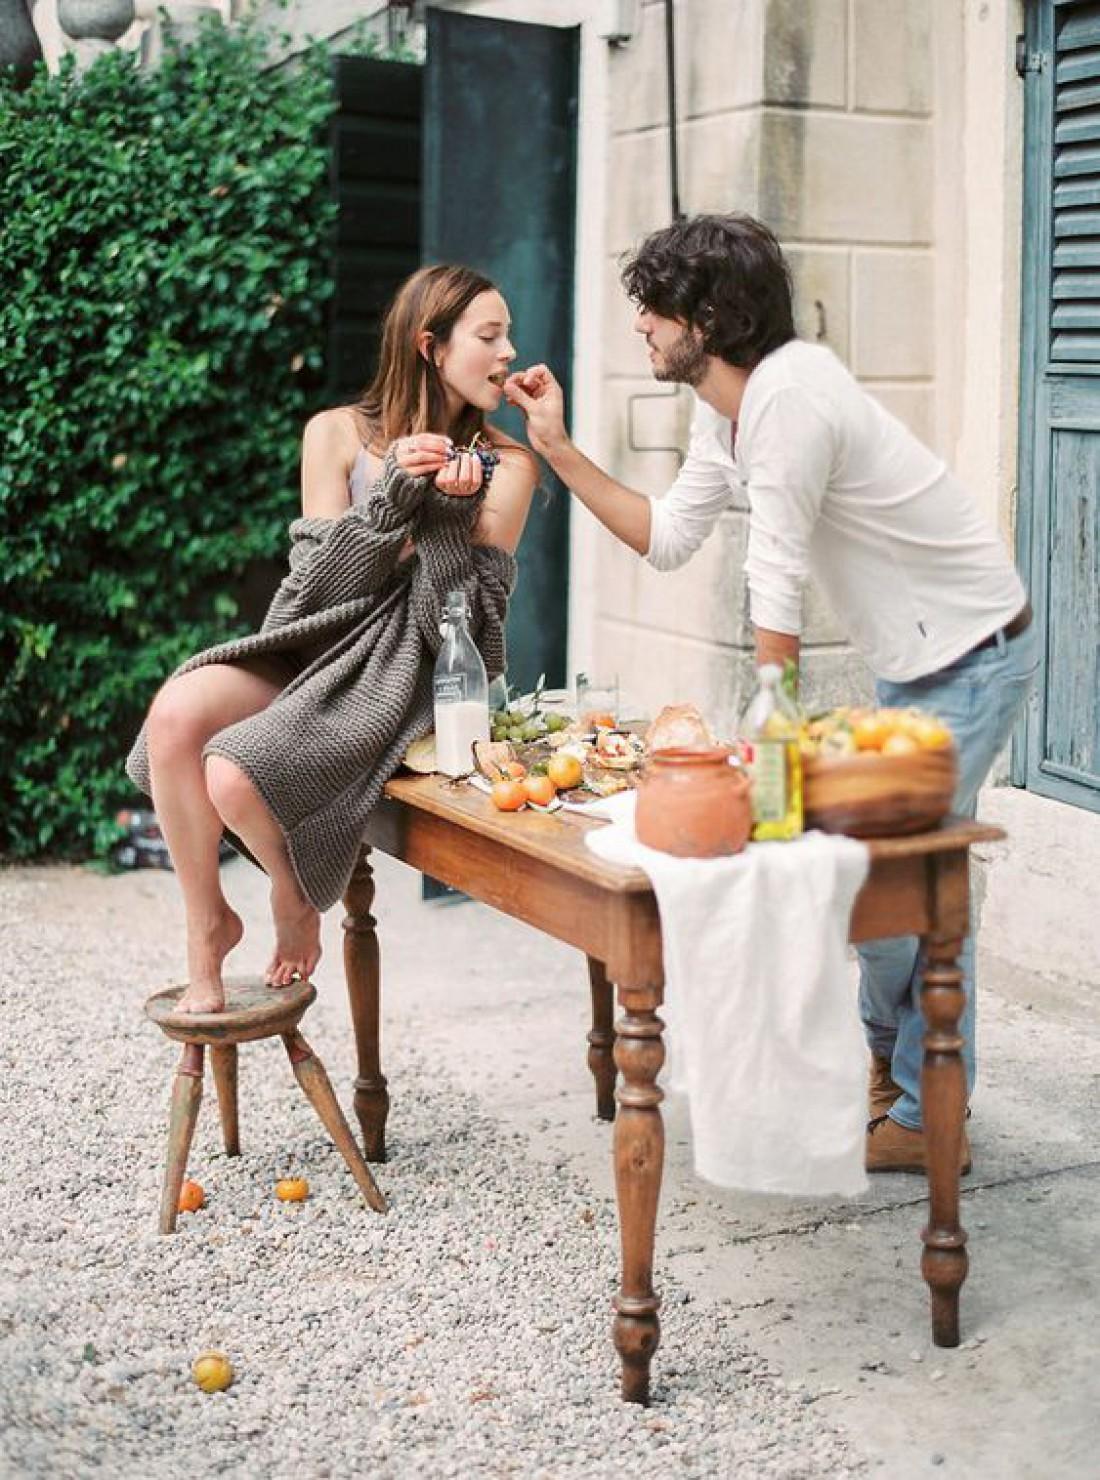 ТОП-5 вещей, которые важны женщинам, но не важны мужчинам в отношениях